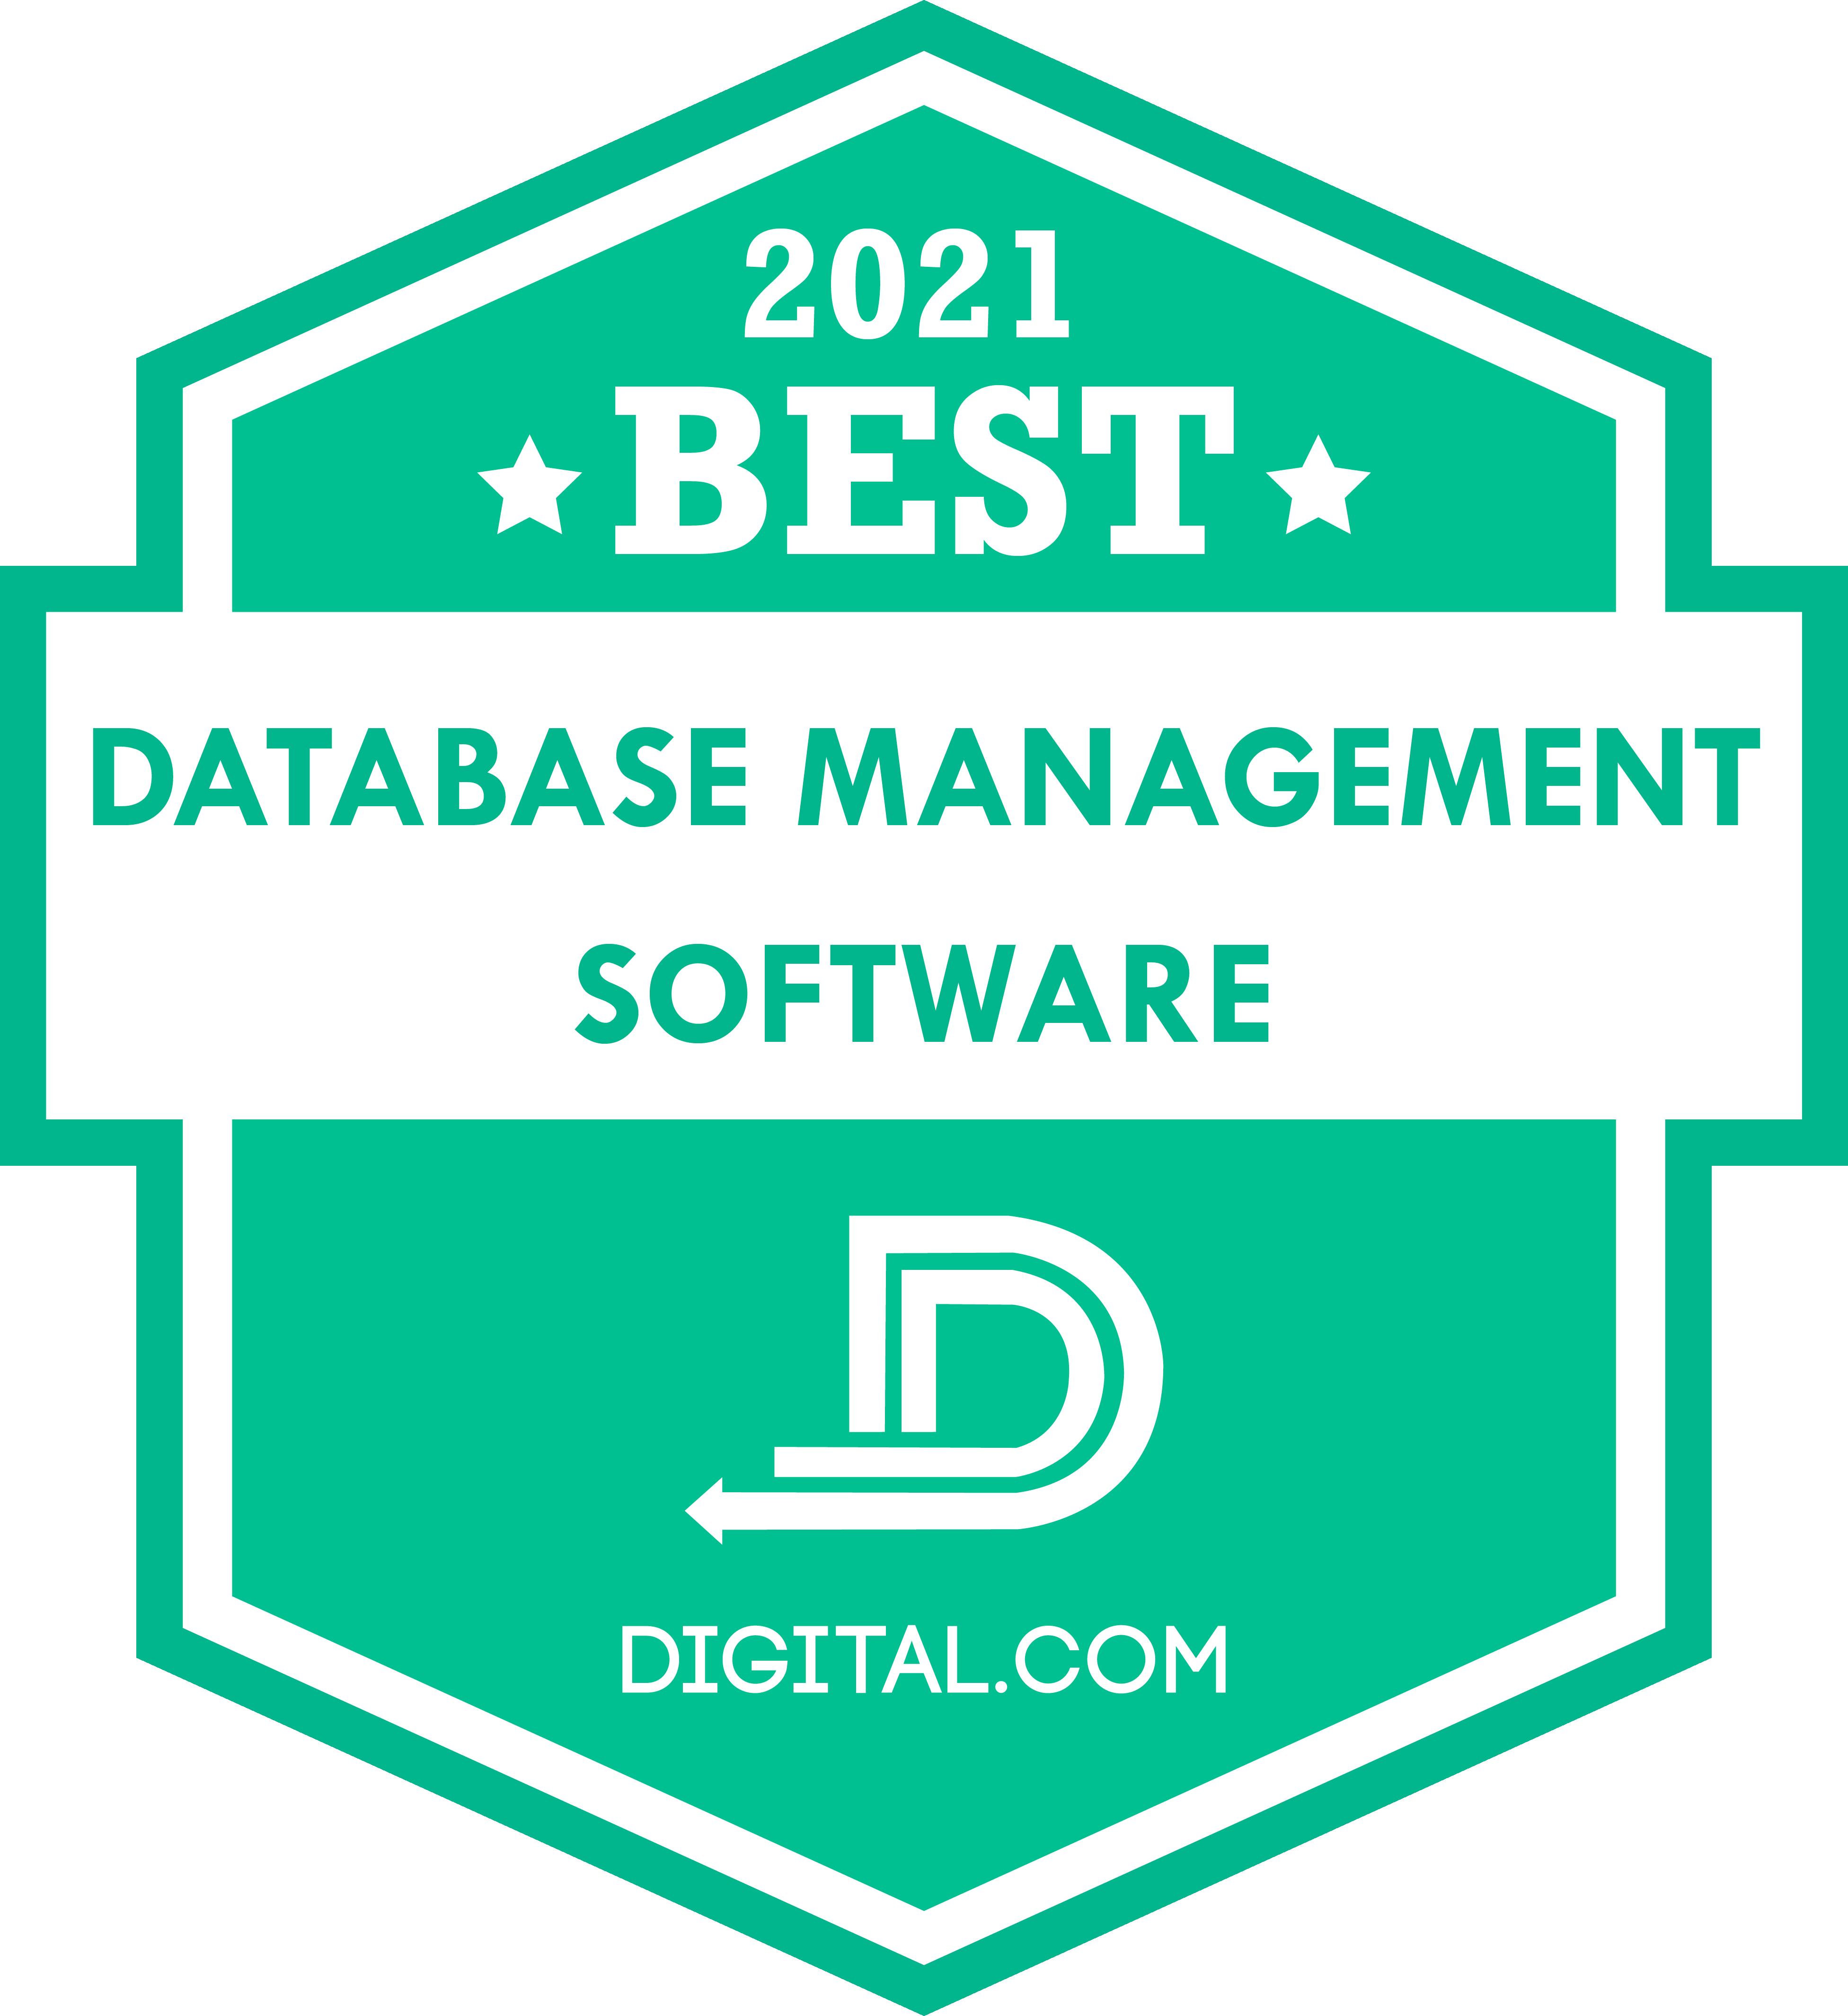 Digital.com Names Best Database Management Software of 2021